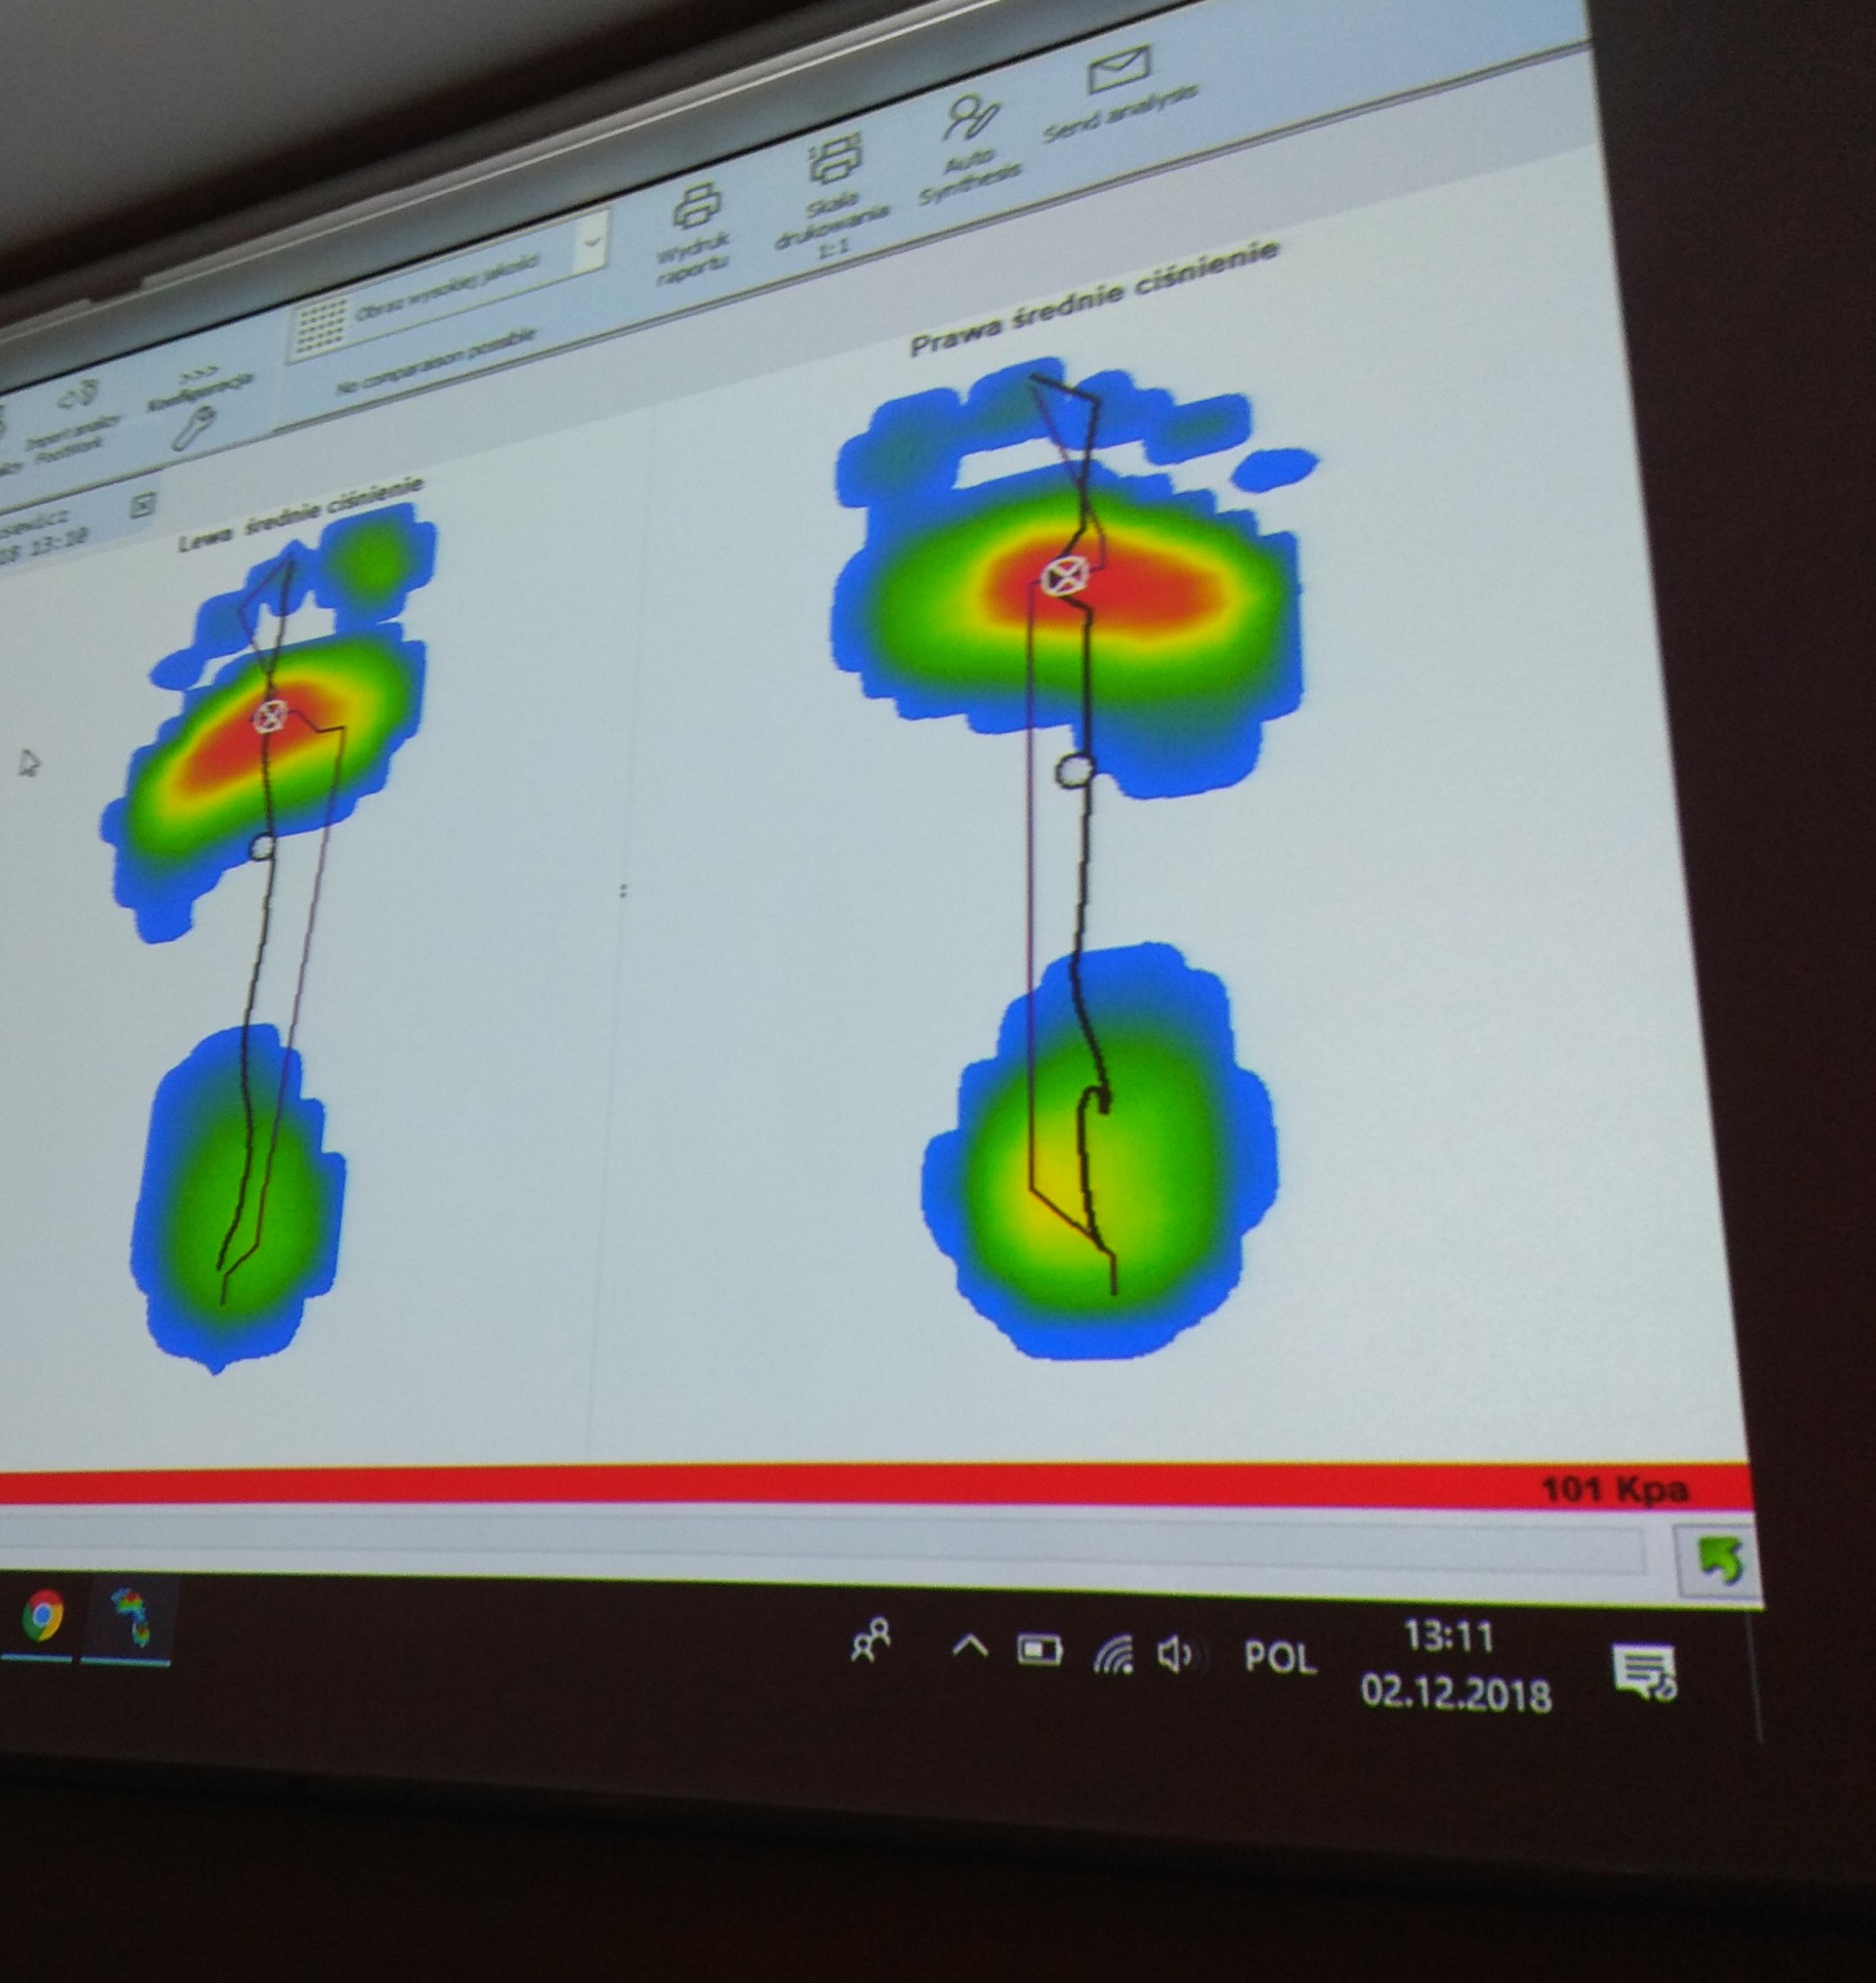 Wielobarwne zdjęcie stóp z komputerowego badania, widoczny kształt stóp i powierzchnia obciążania, wysklepienie łuków oraz ustawienie tyłostopia i osi kończyn.